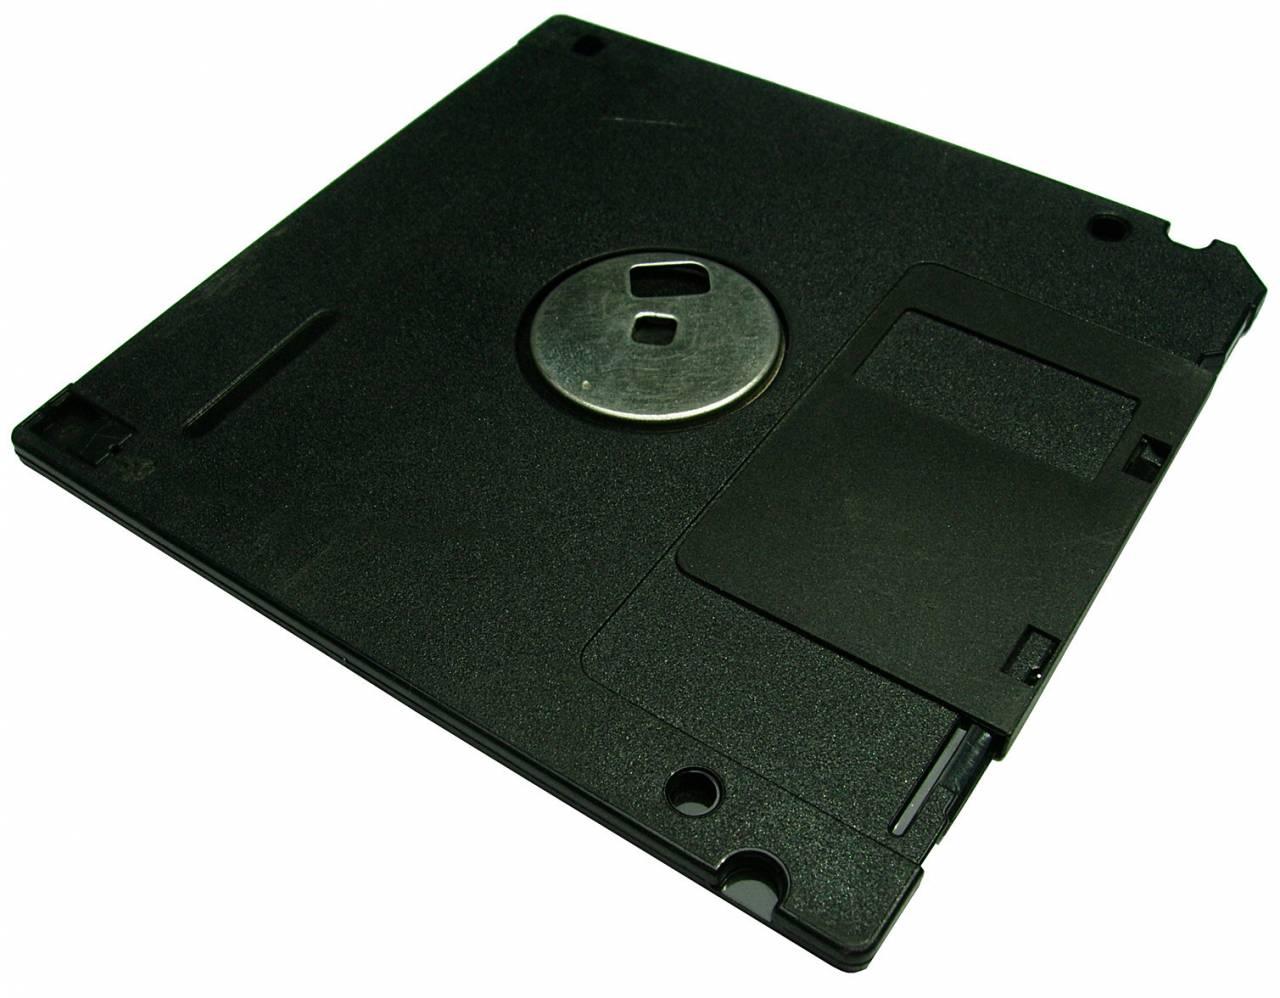 ファミコンディスクシステム、PSのディスク入れ替えが懐かしい!